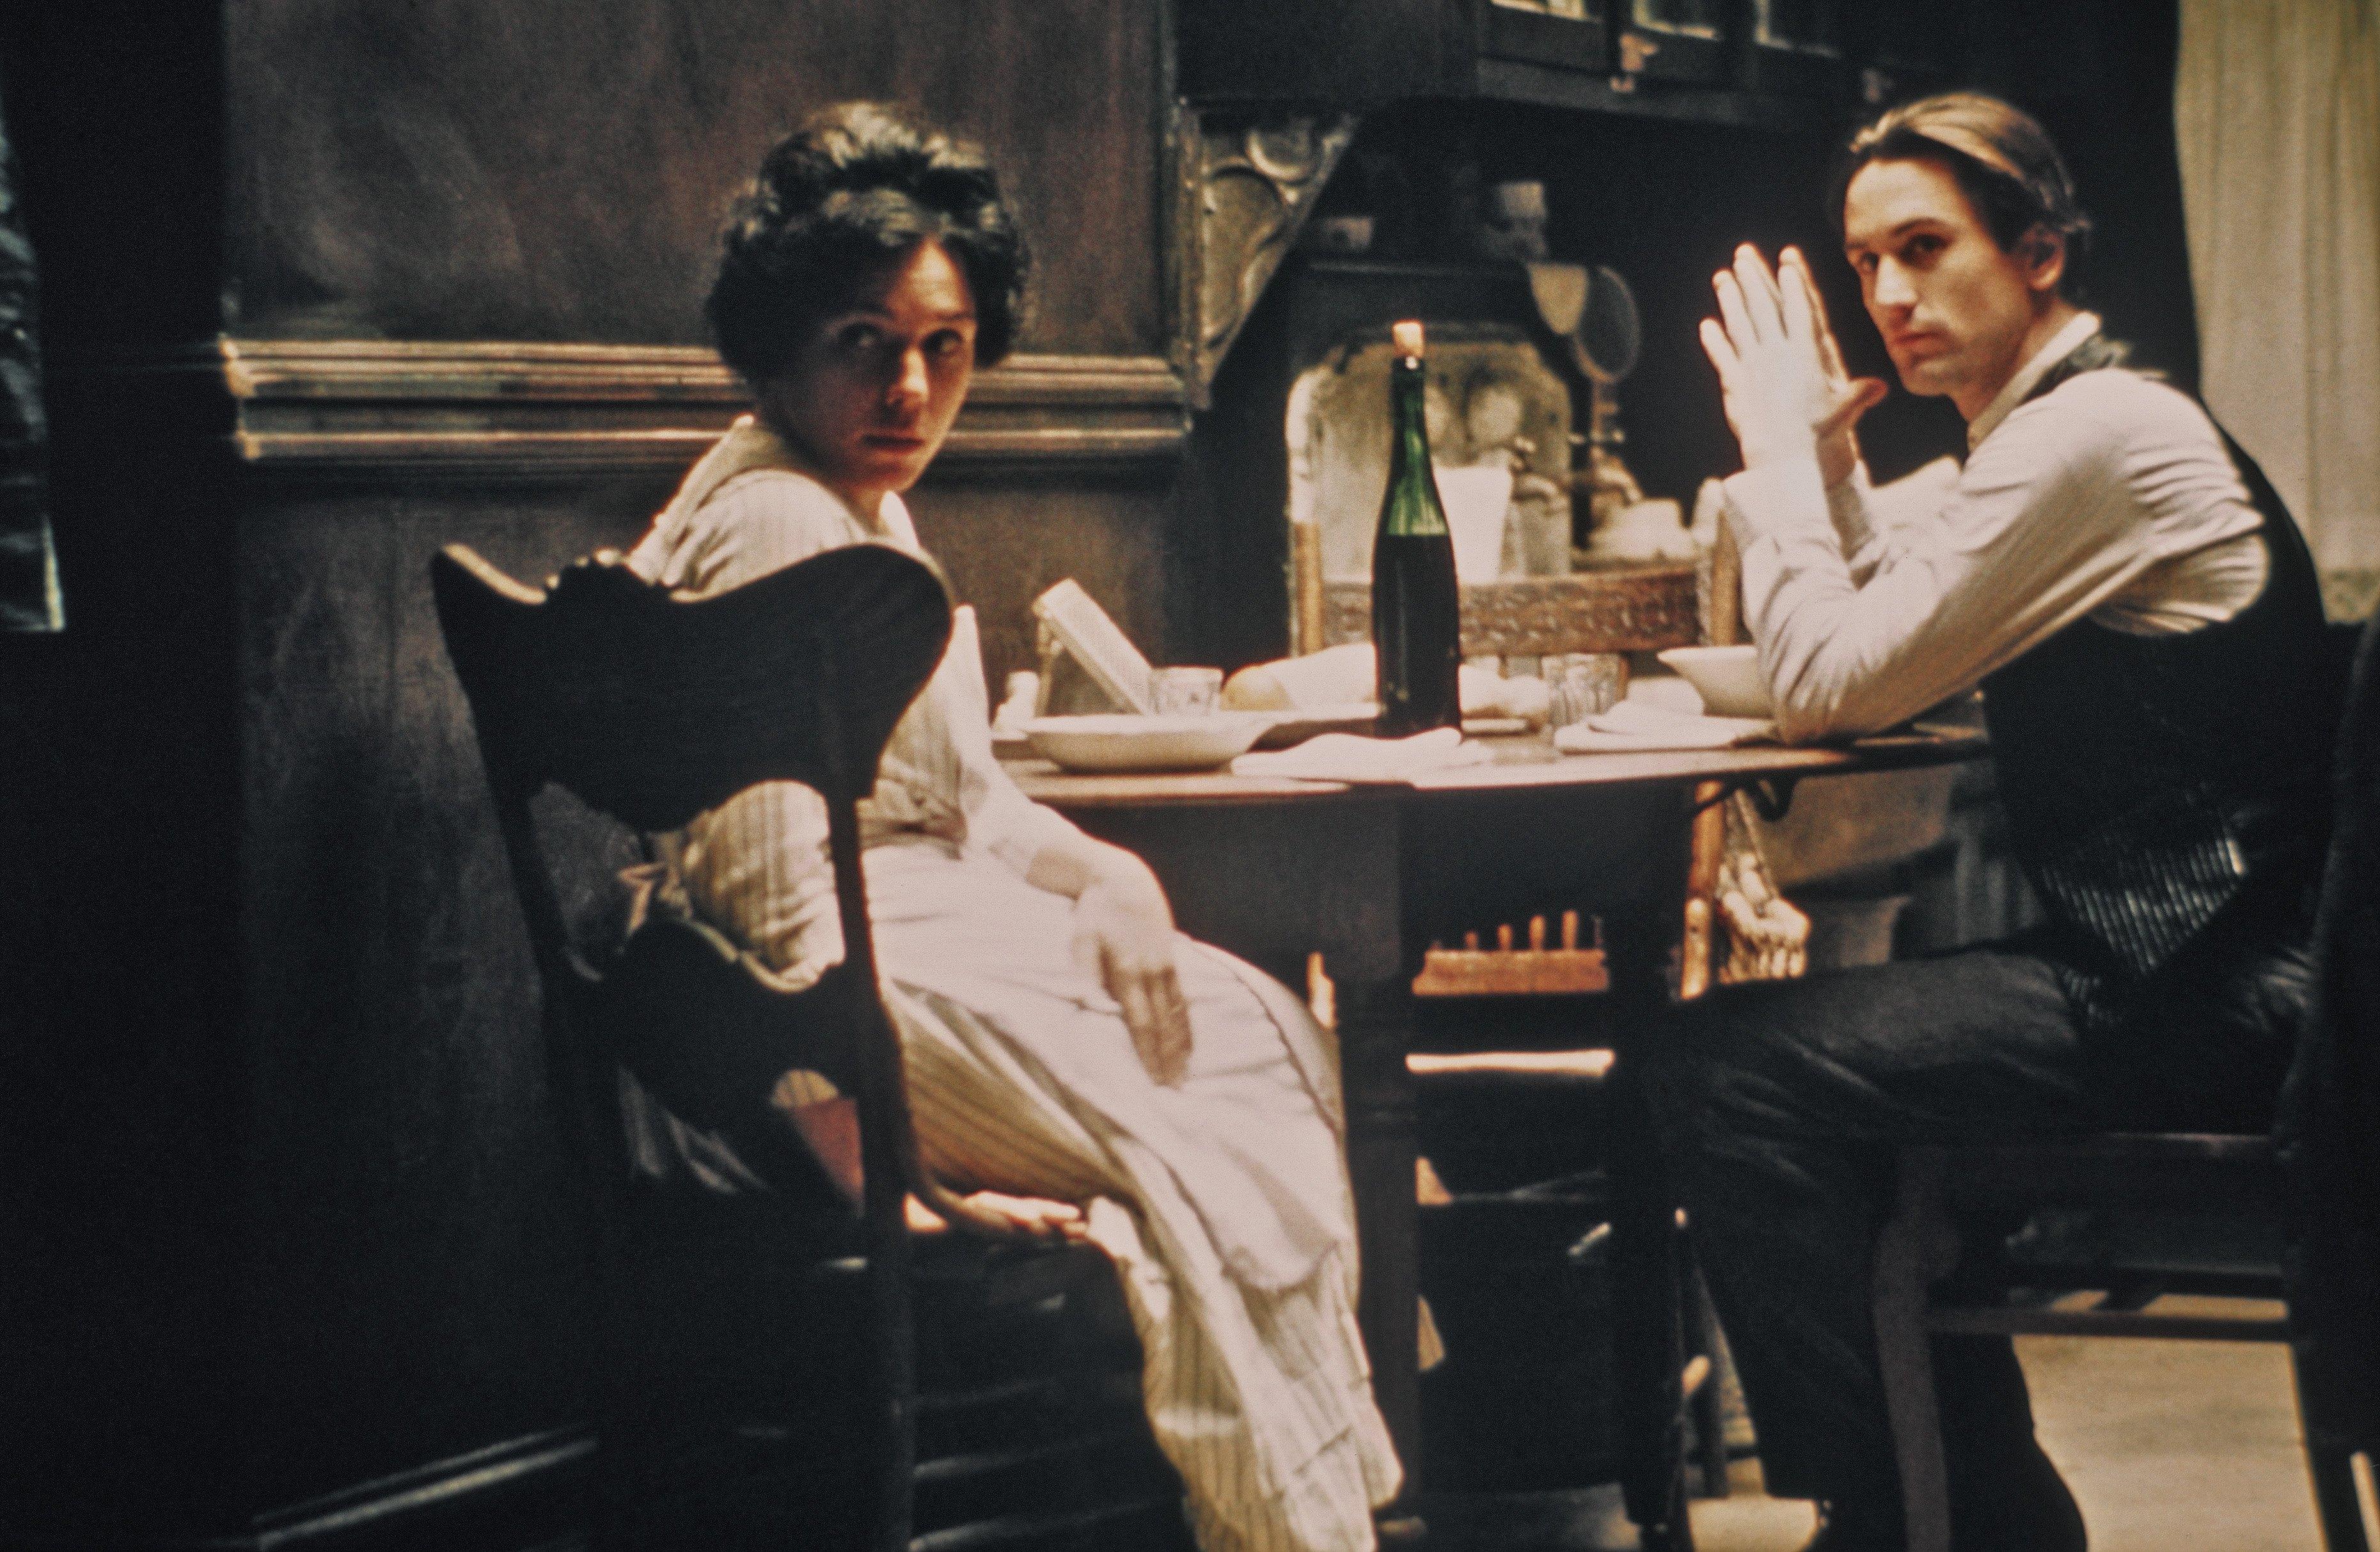 Robert De Niro and Francesca De Sapio in The Godfather: Part II (1974)